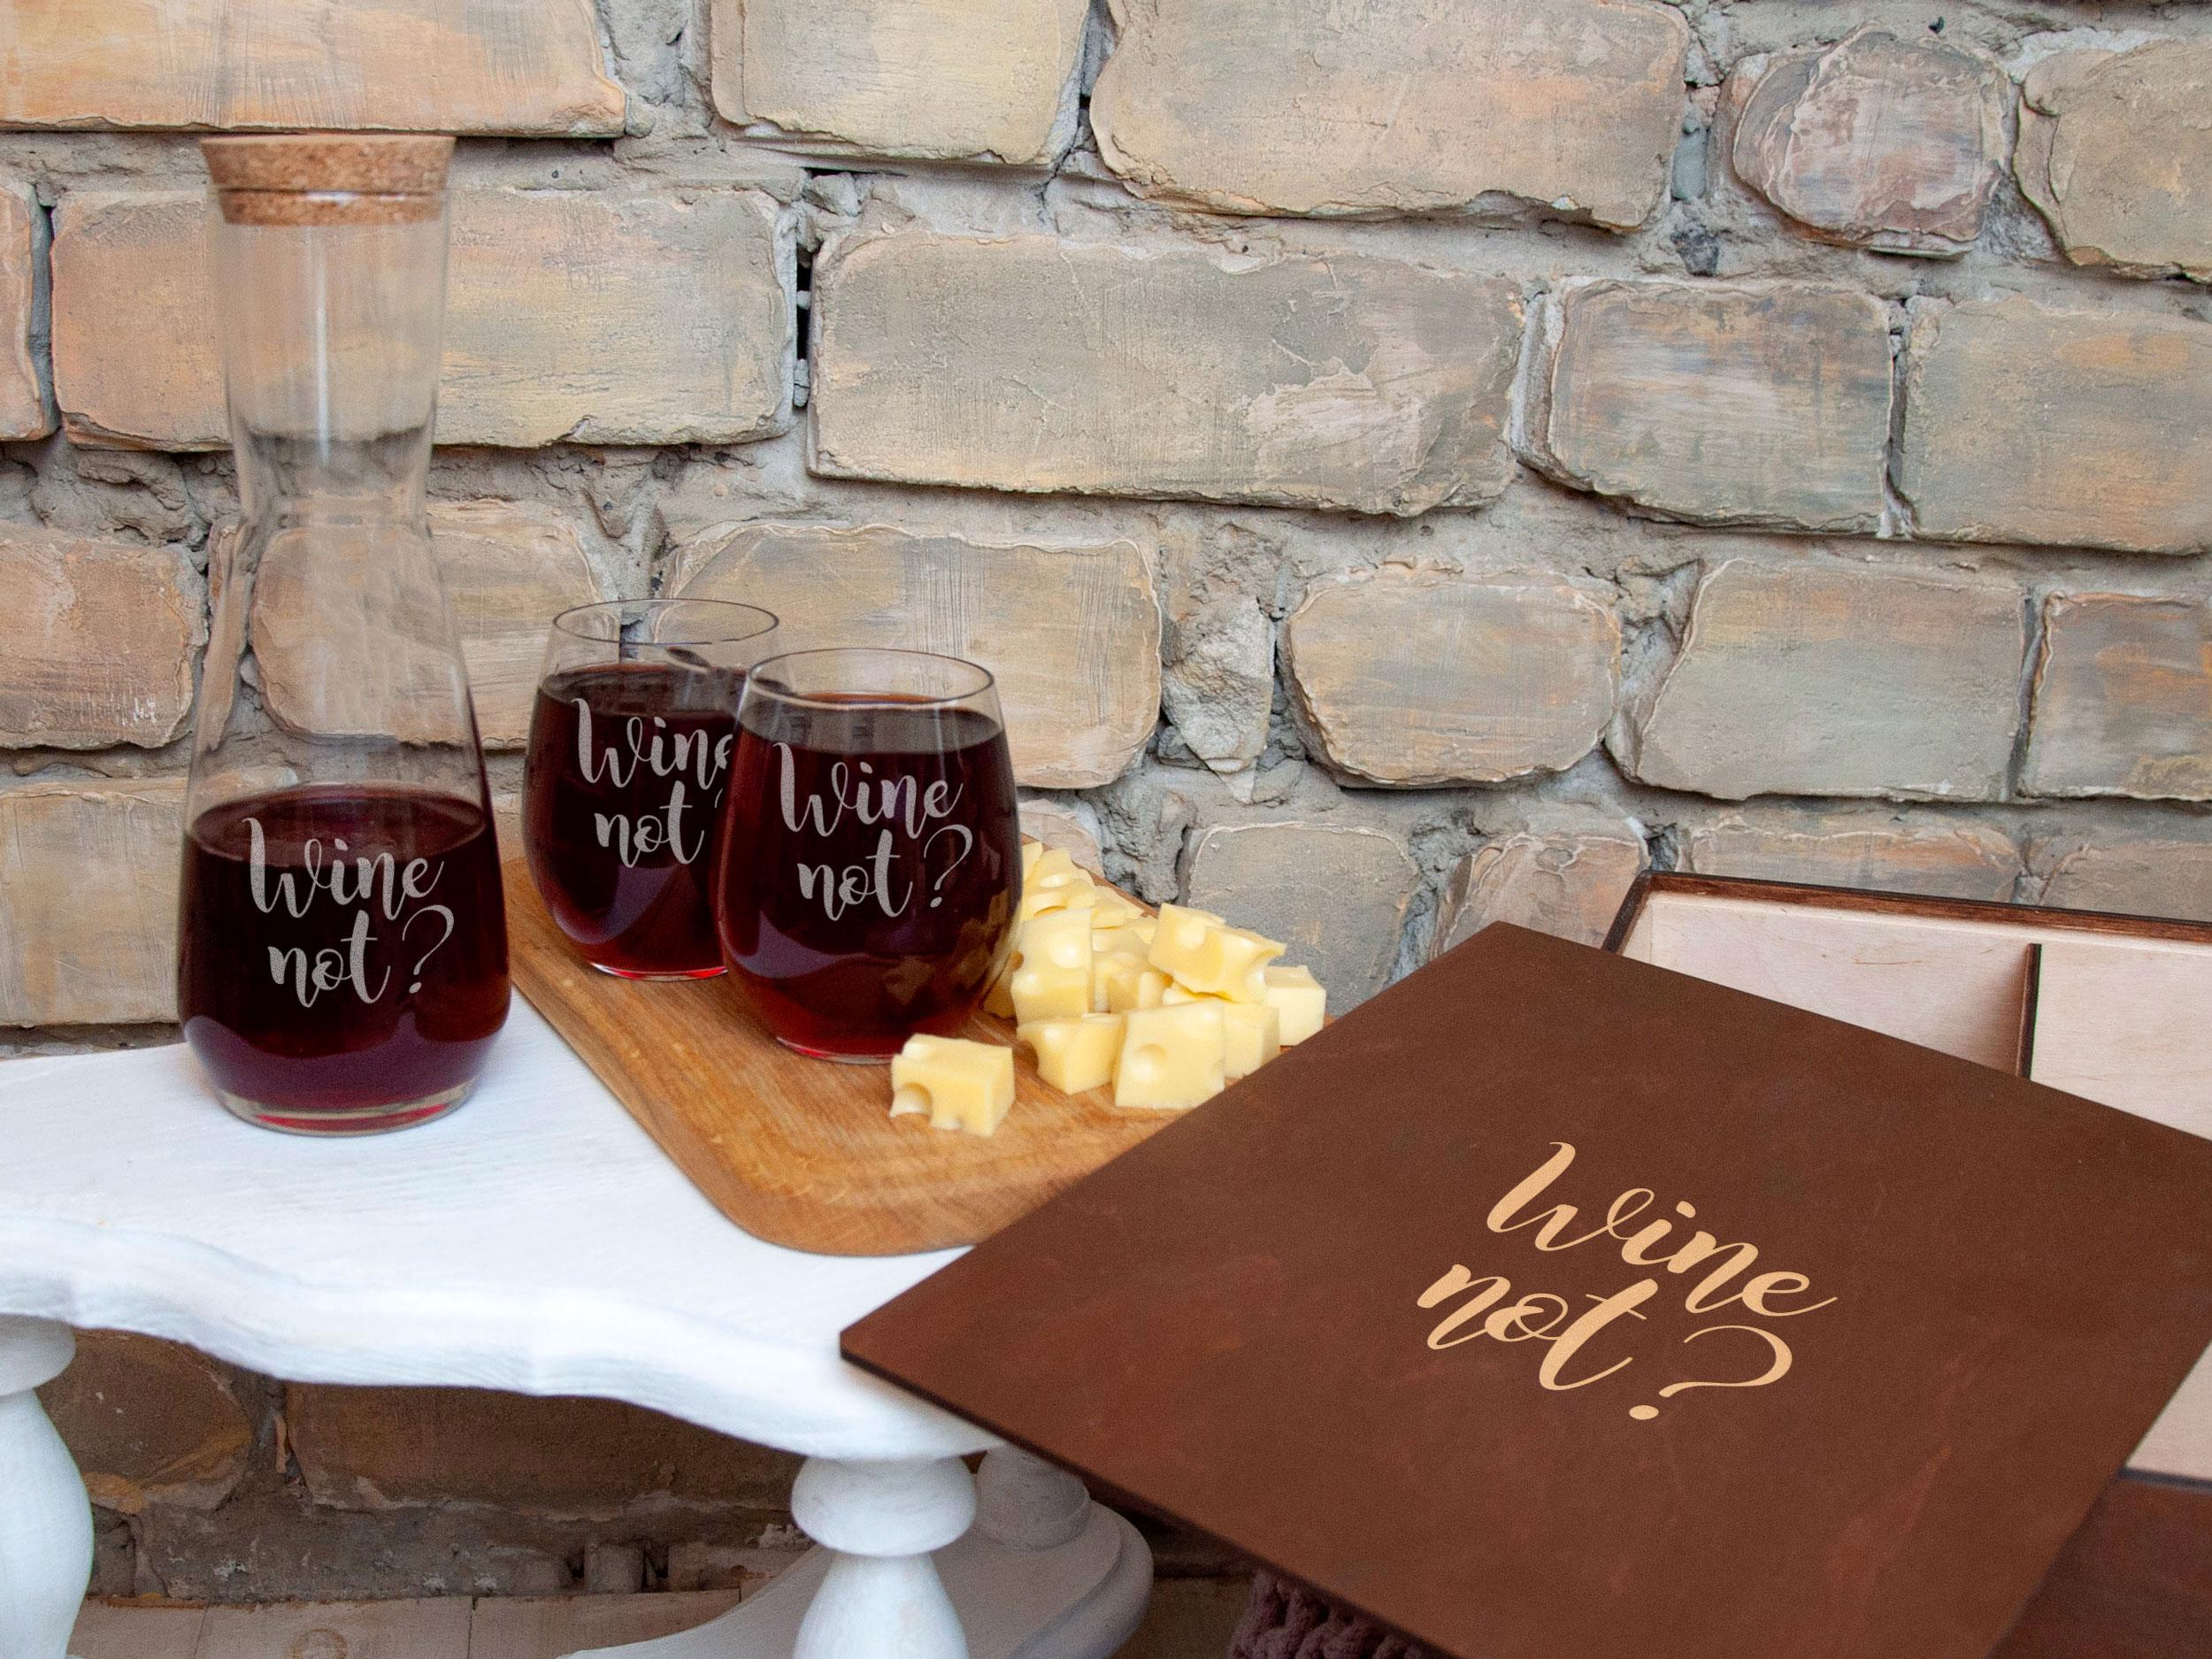 Подарочный стеклянный набор для вина на 2 персоны с гравировкой Wine not?